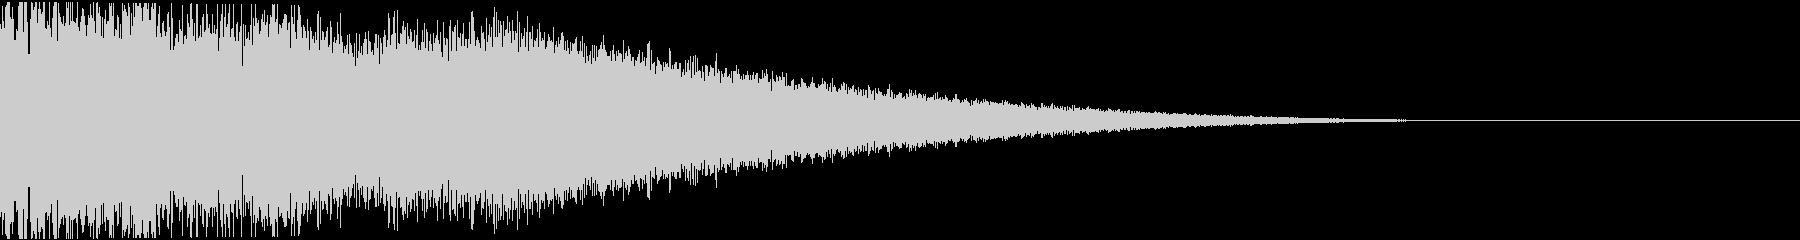 ピコーン:当たり・衝撃・ヒットbの未再生の波形